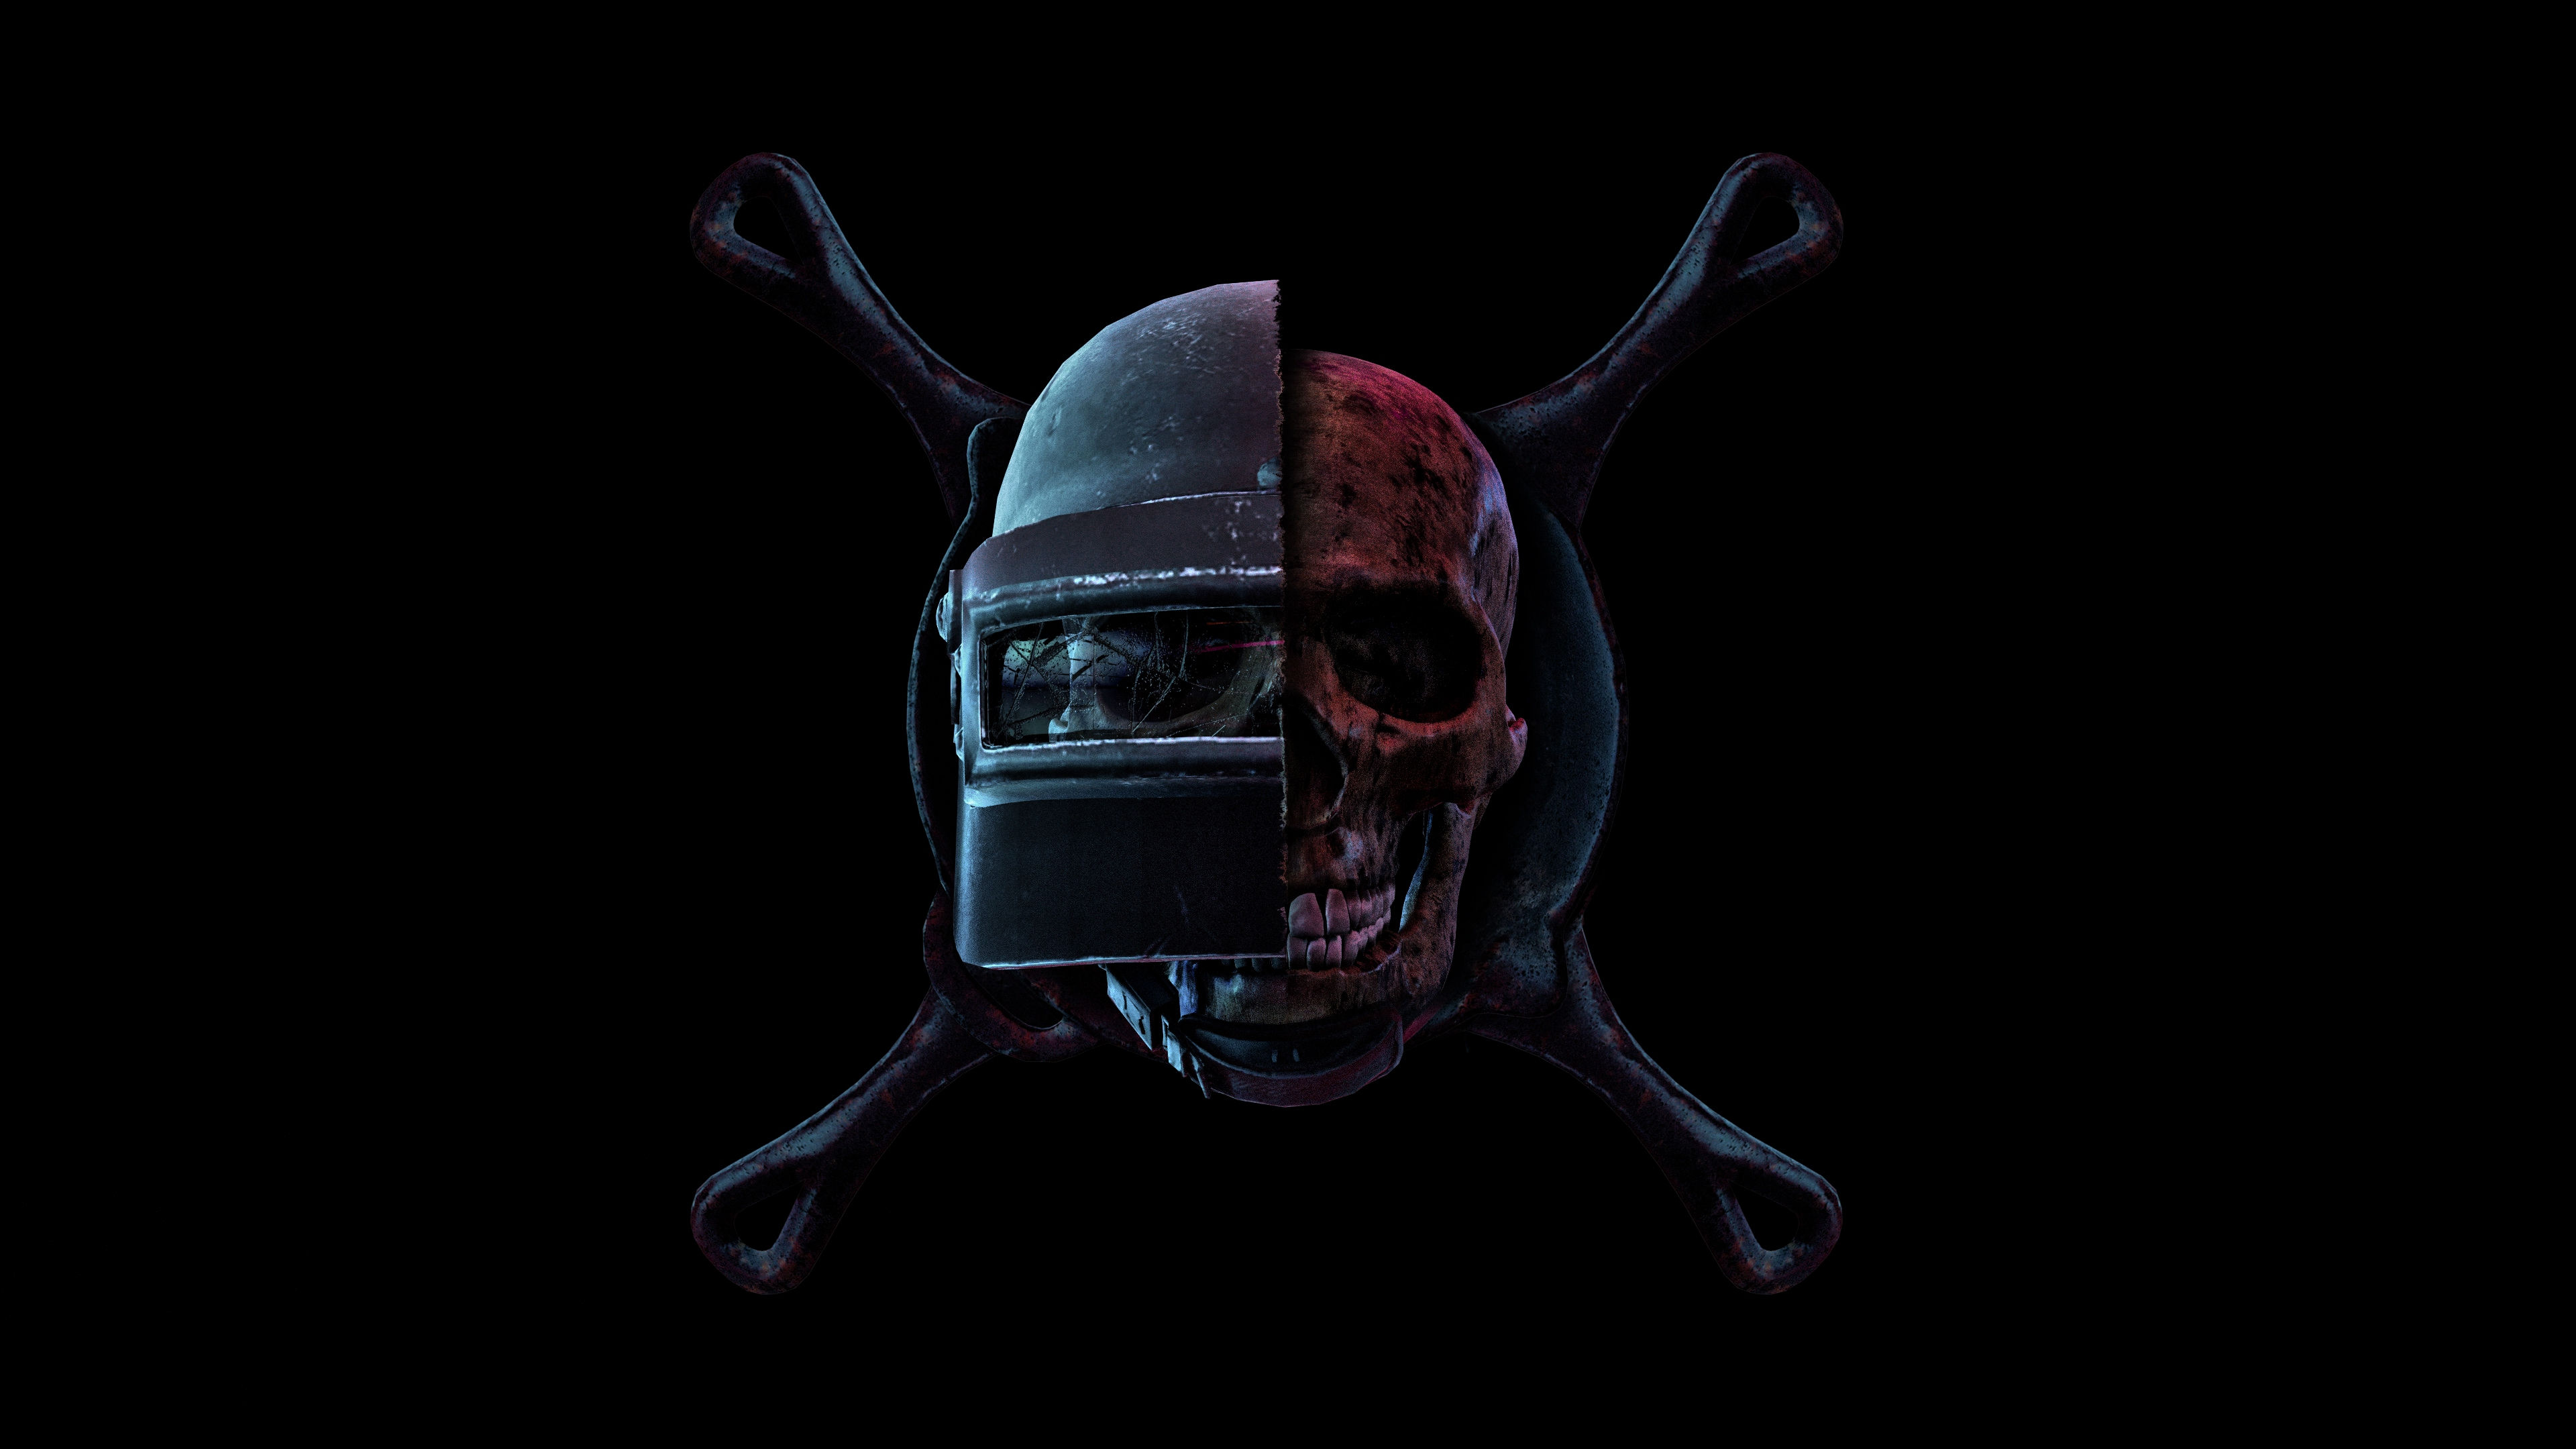 Pubg Skull Helmet Frying Pan Playerunknown S Battlegrounds 4k Wallpaper 126